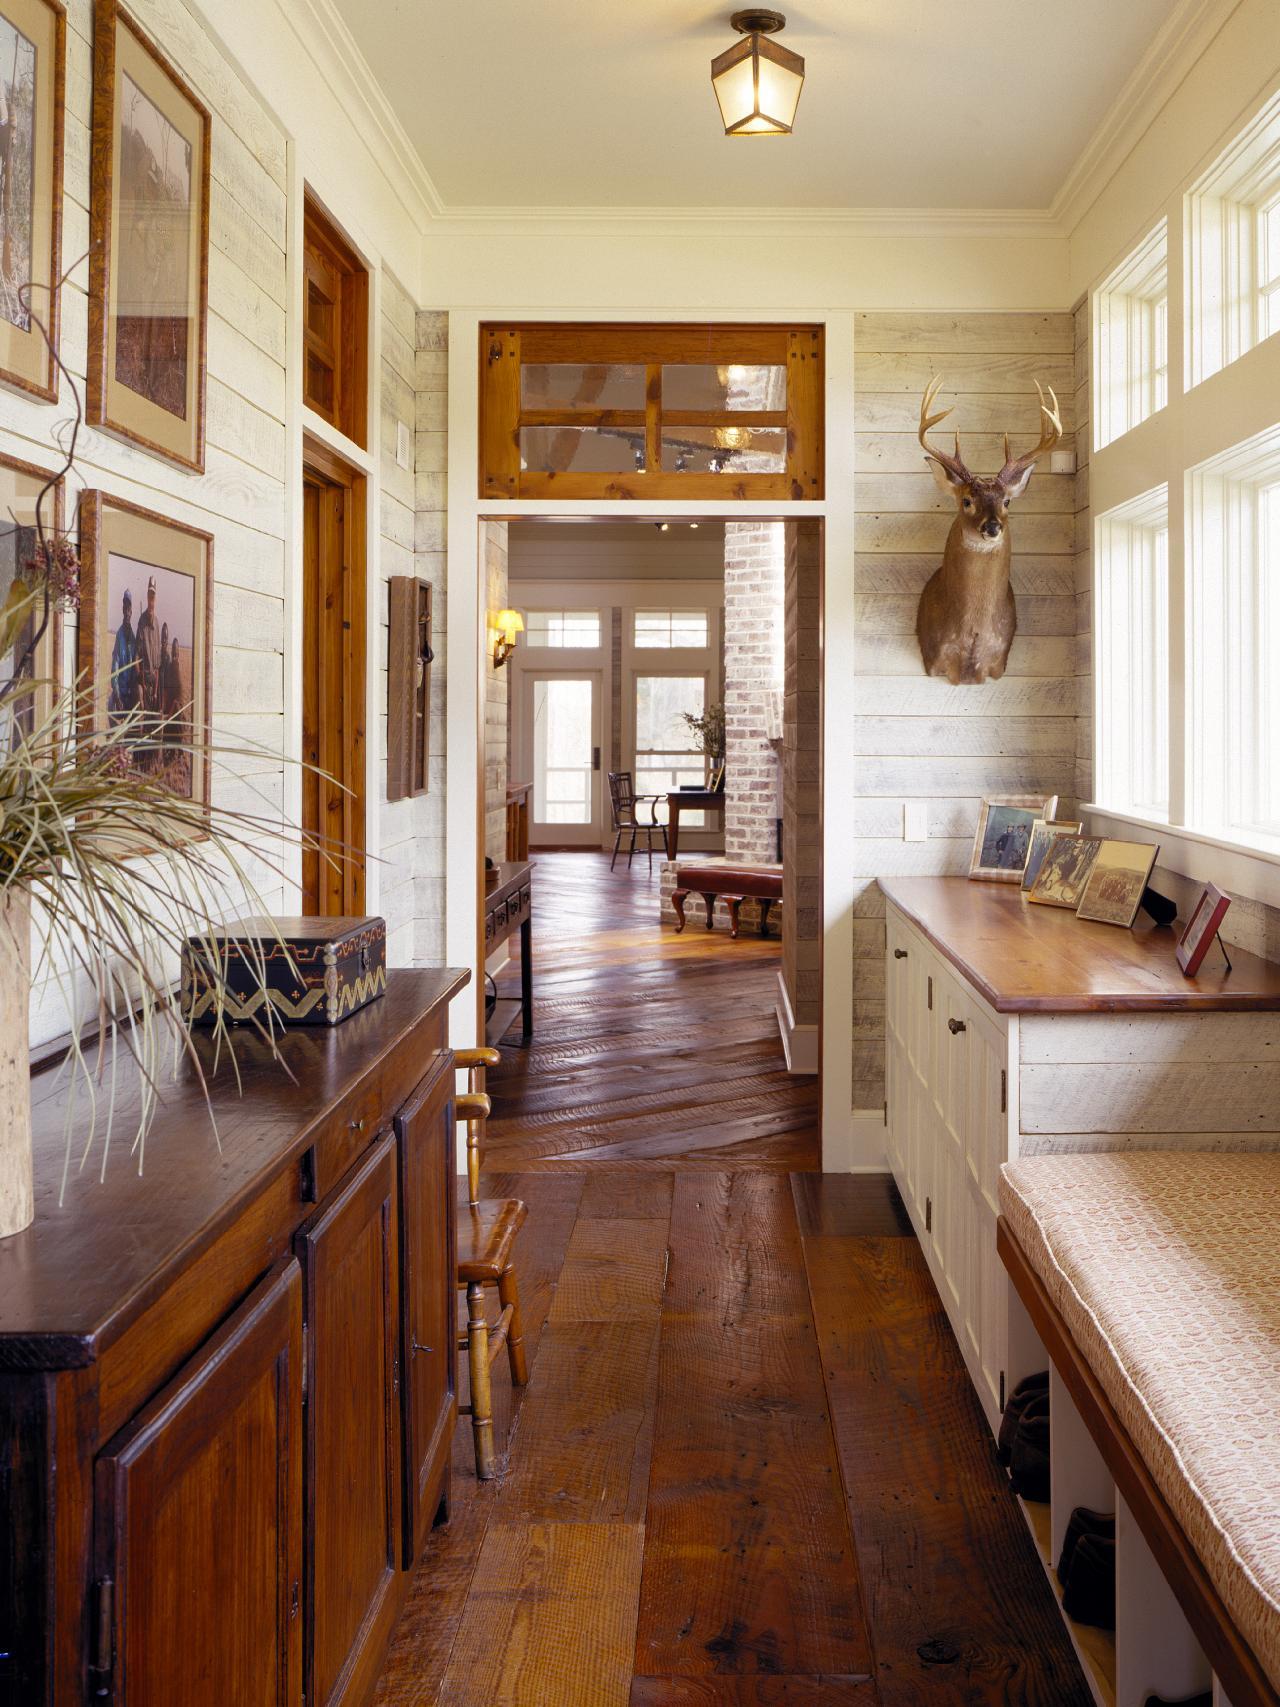 Original Jane Frederick Rustic Cottage Wood Mudroom S3x4 Jpg Rend